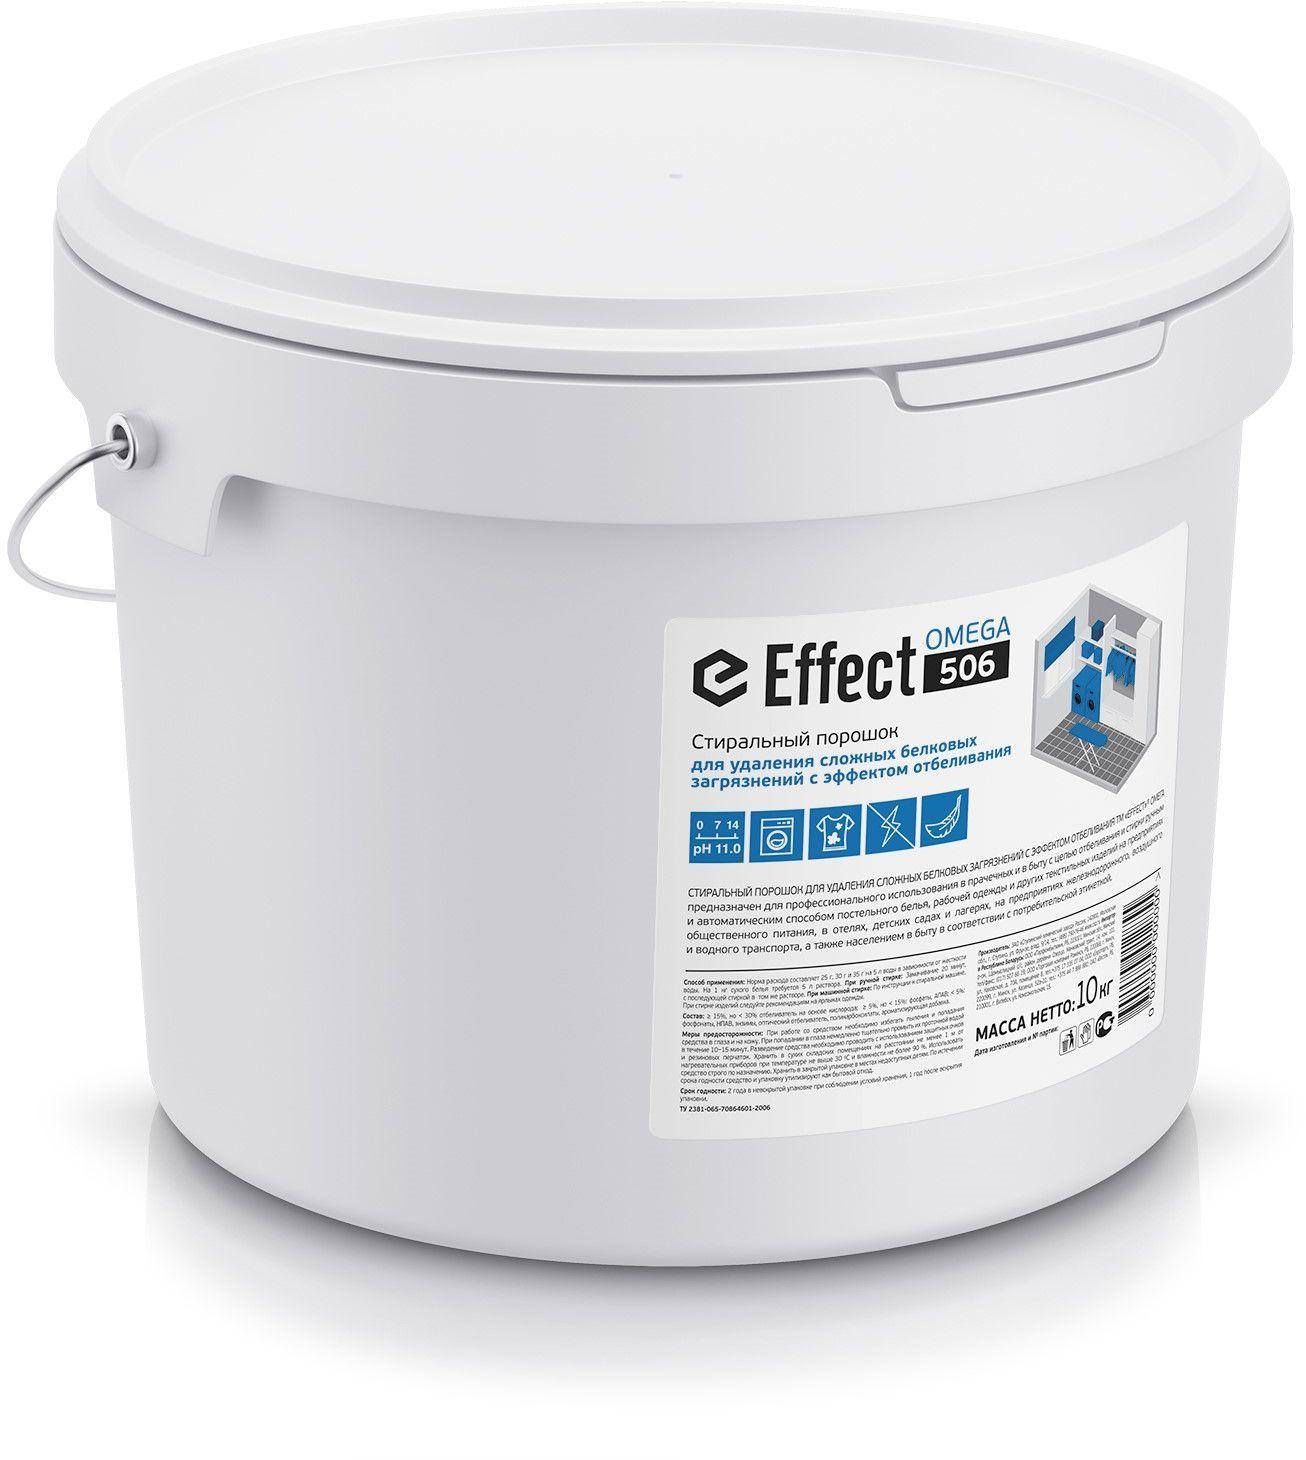 """Порошок стиральный """"Effect"""", профессиональный, для удаления сложных белковых загрязнений, с эффектом отбеливания, 10 кг"""